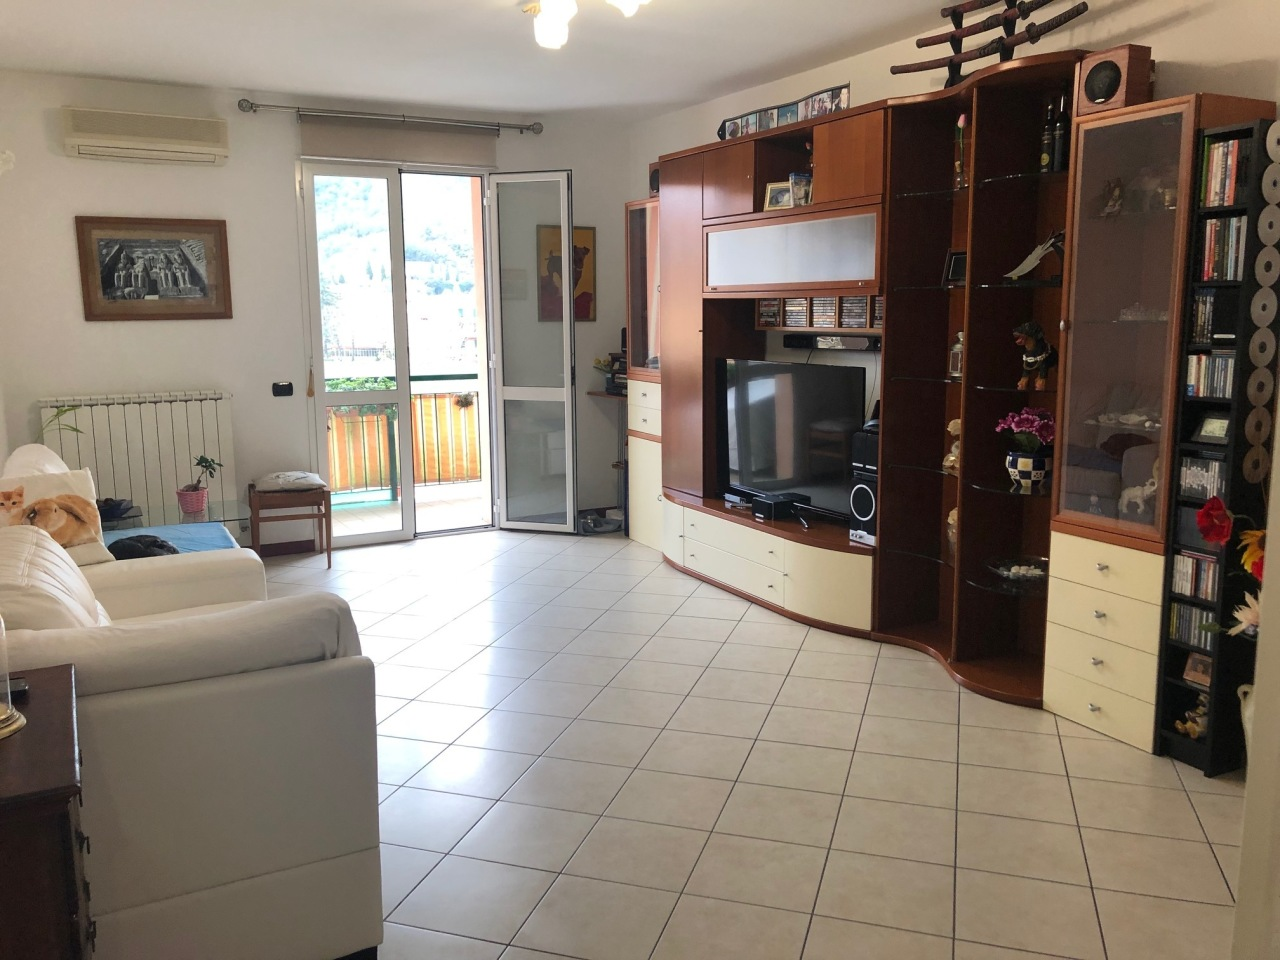 Appartamento in vendita a Casarza Ligure, 6 locali, prezzo € 250.000 | CambioCasa.it